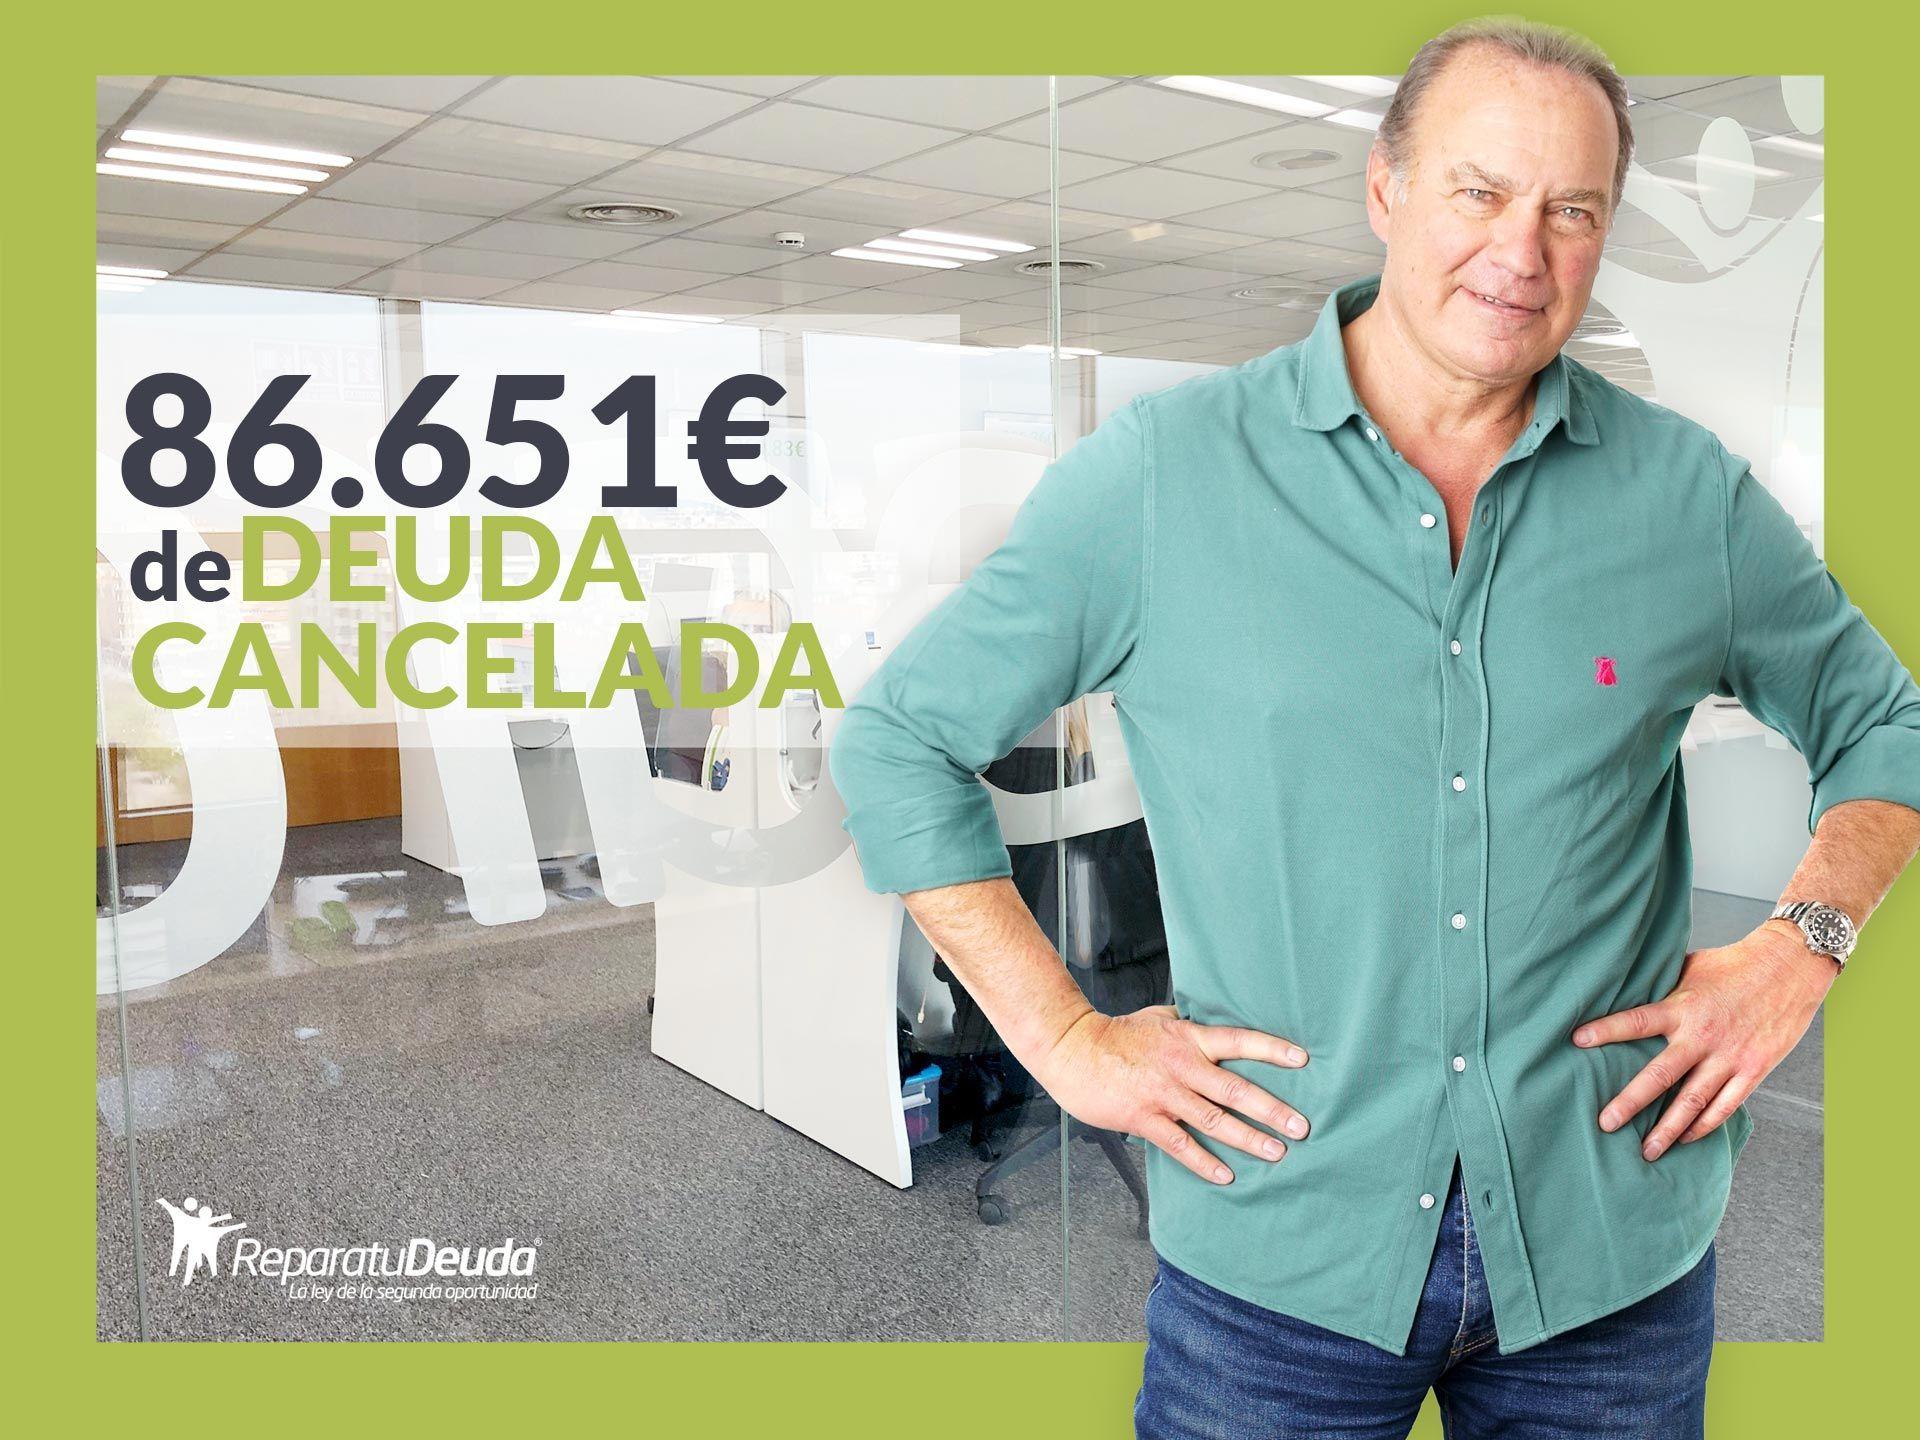 Repara tu Deuda cancela 86.651 ? en Guadalajara (Castilla-La Mancha) con la Ley de Segunda Oportunidad